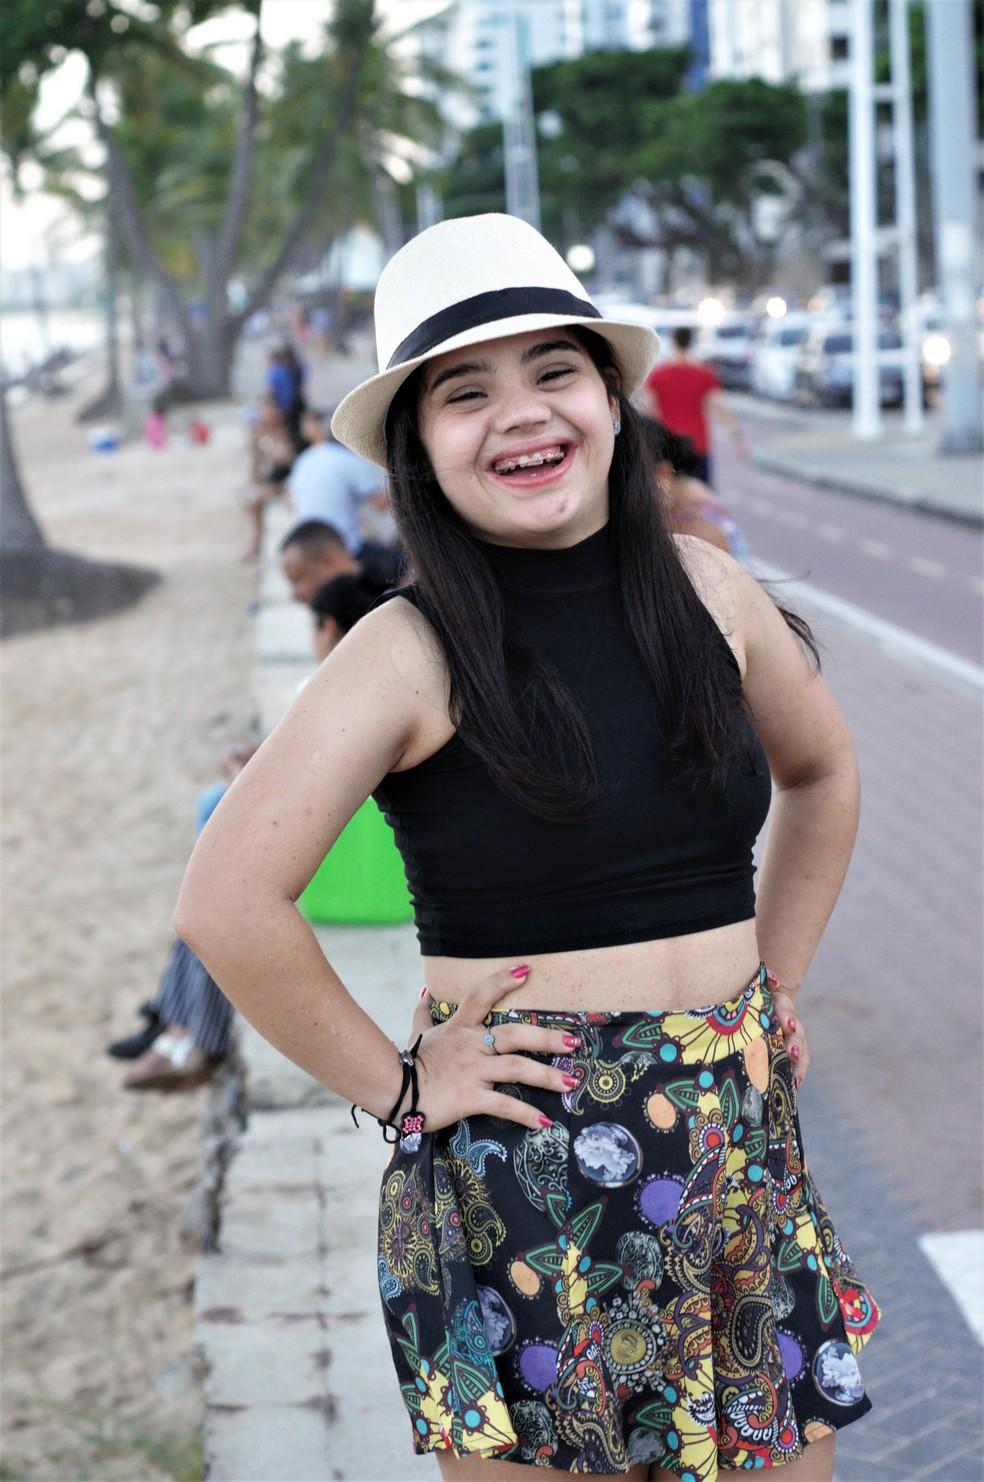 Jovem com Síndrome de Down posou como modelo para as fotos de Nicholas Filinkoski — Foto: Nicholas Filinkoski/Divulgação